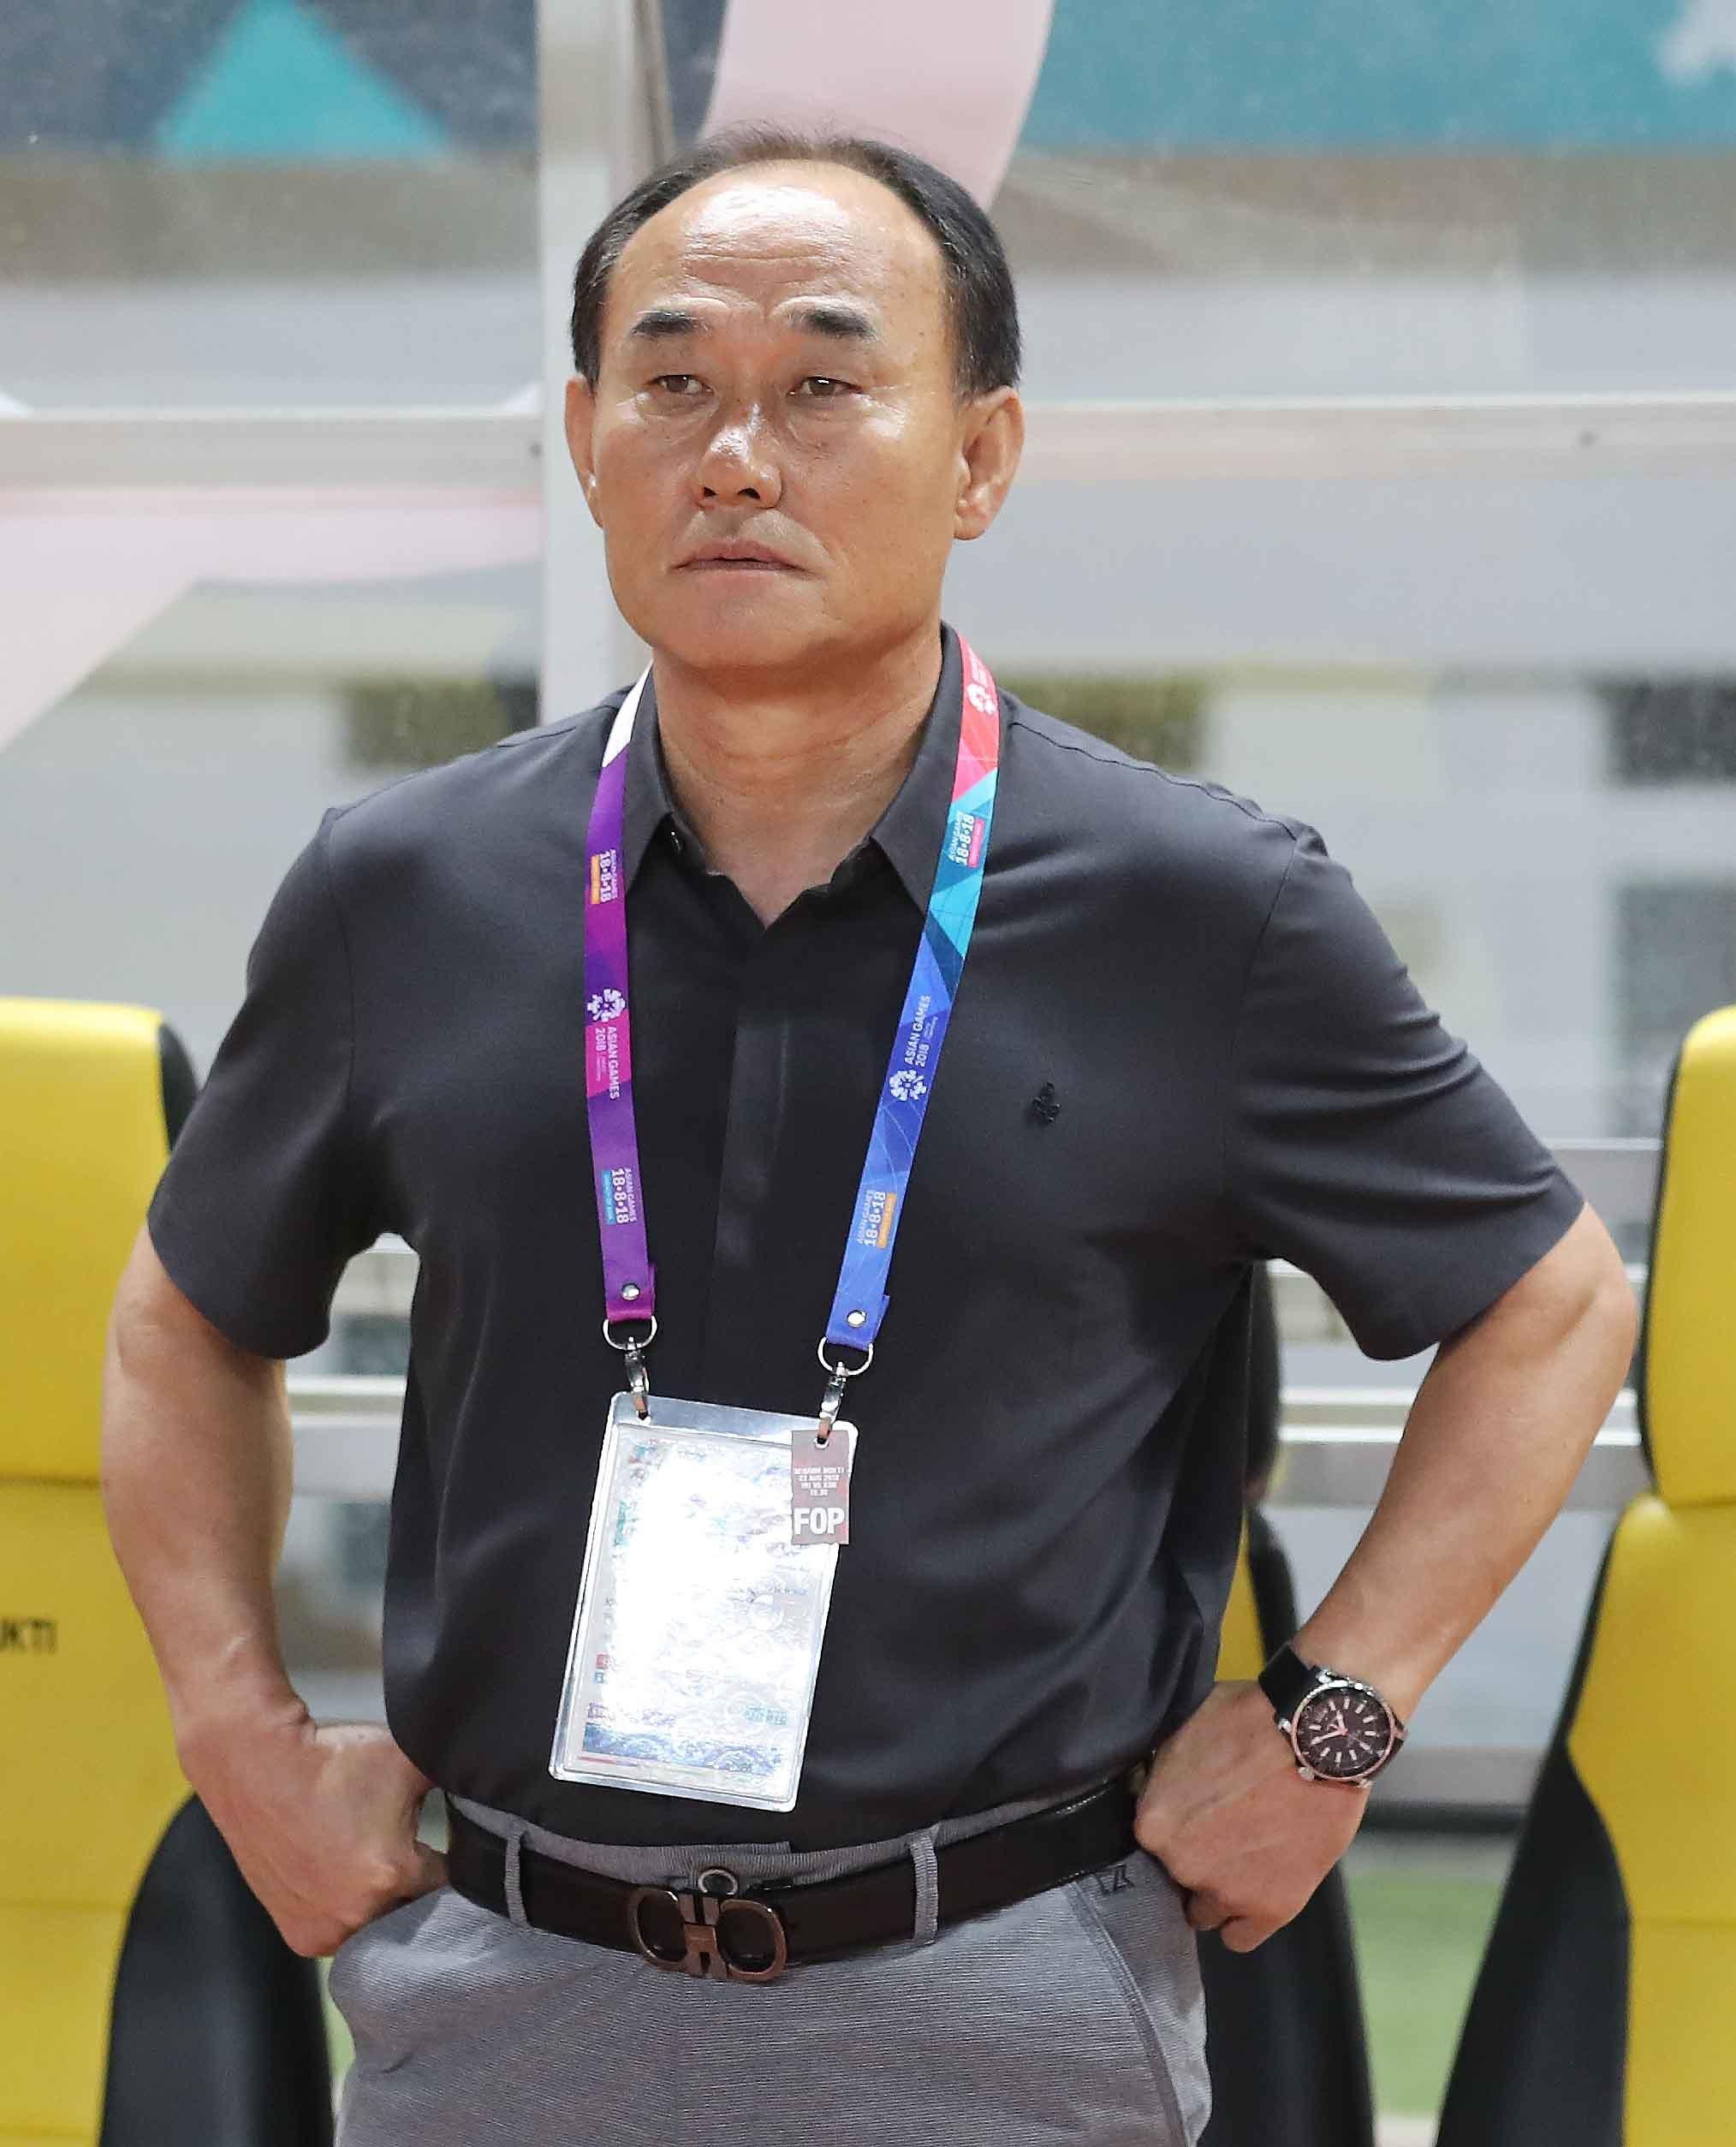 '은행원 과장' 출신 김학범이 국가대표 감독 되기 위해 준비했던 필살기